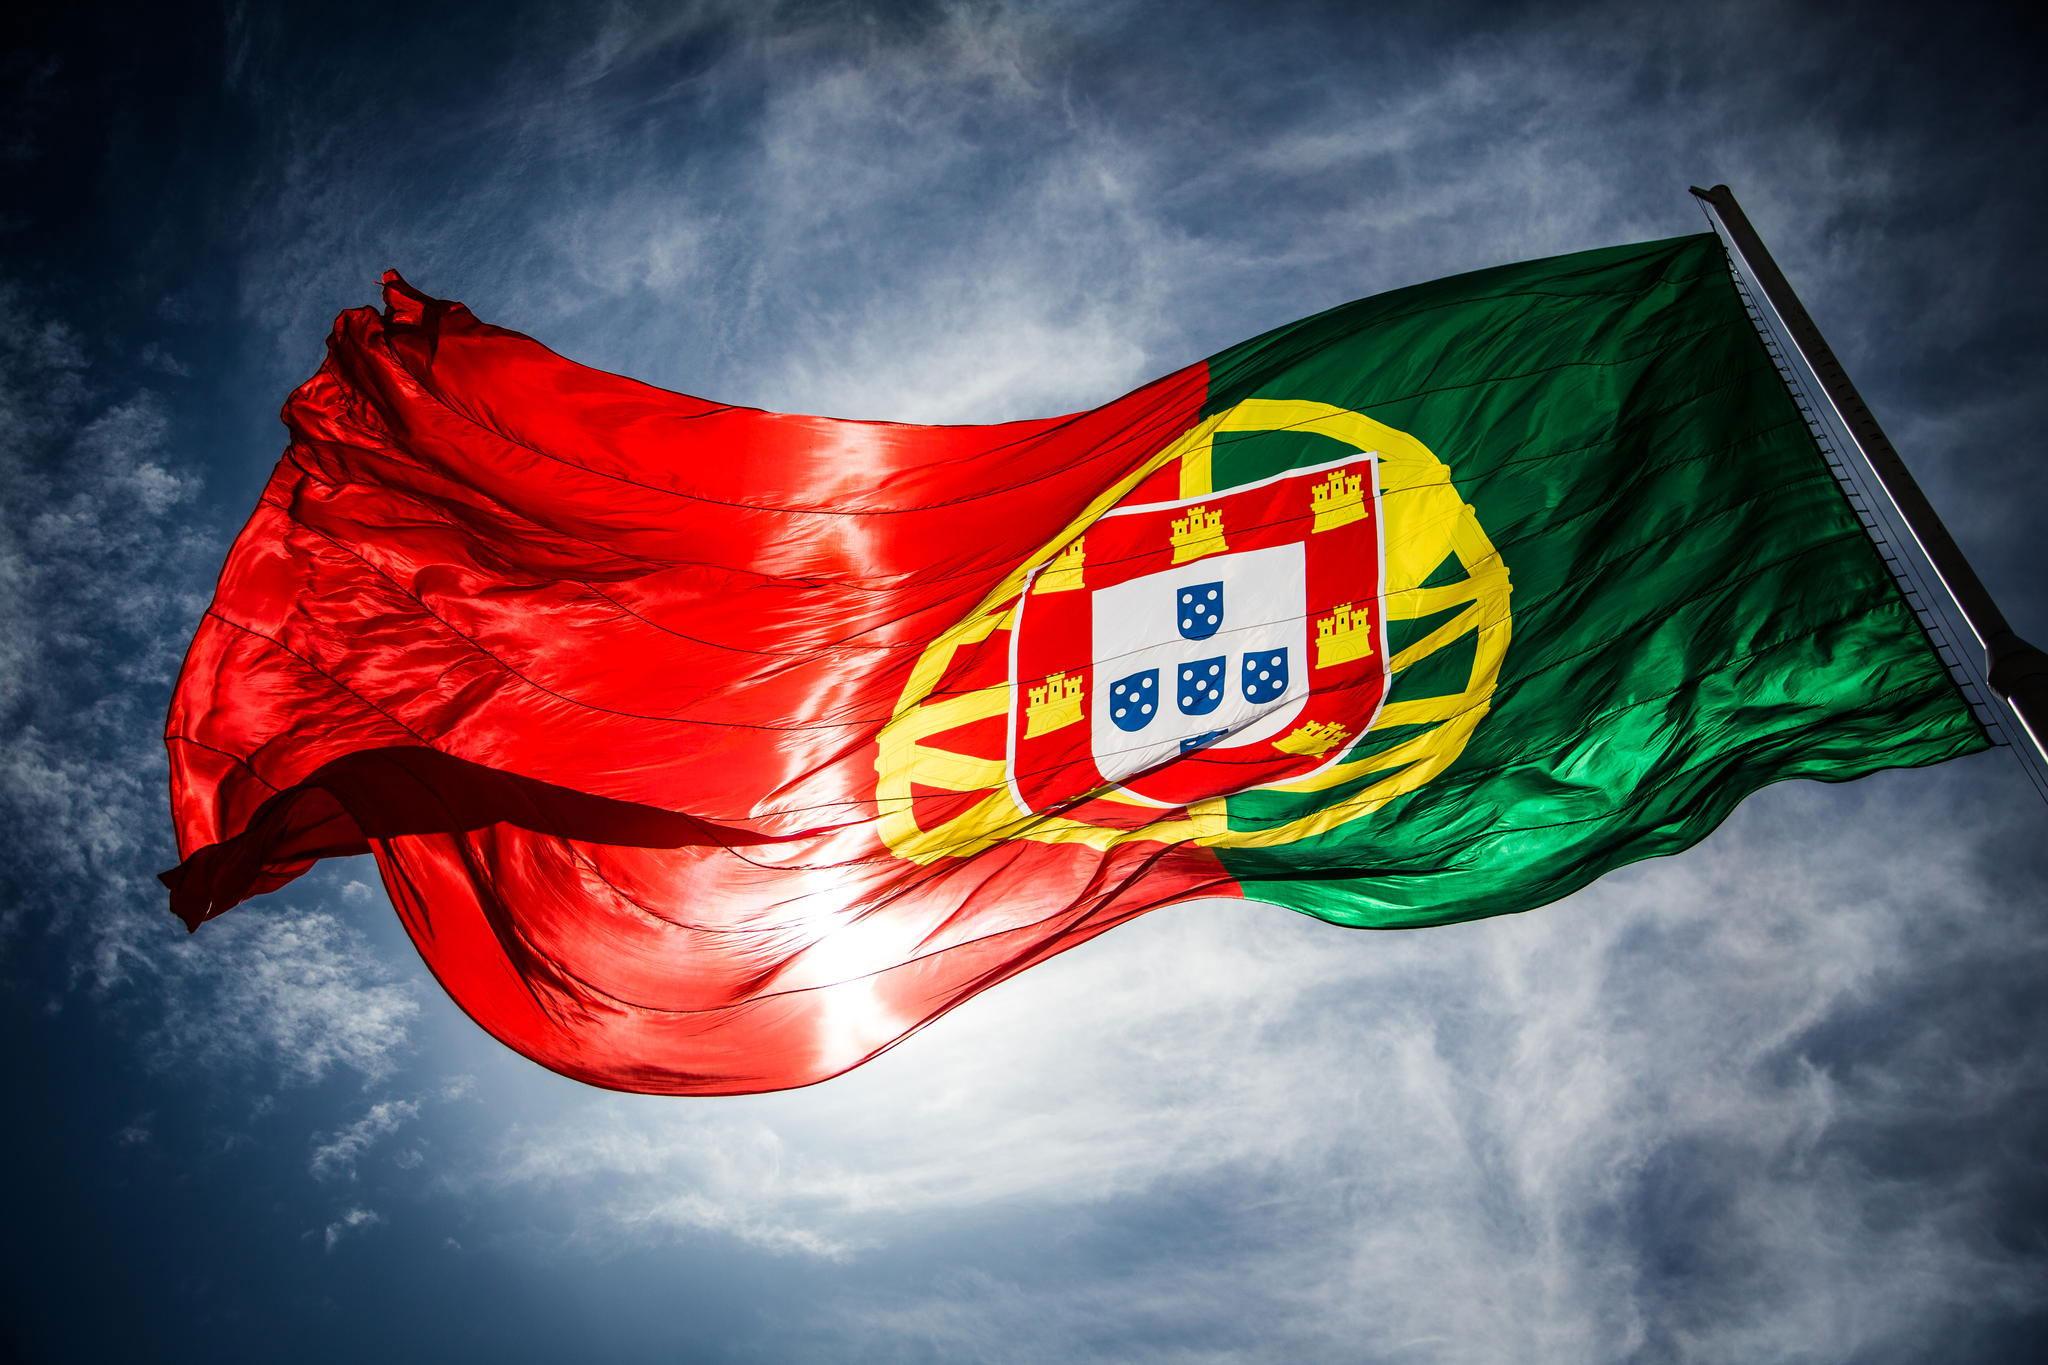 گلدن ویزای پرتغال 2020 پرچم پرتغال